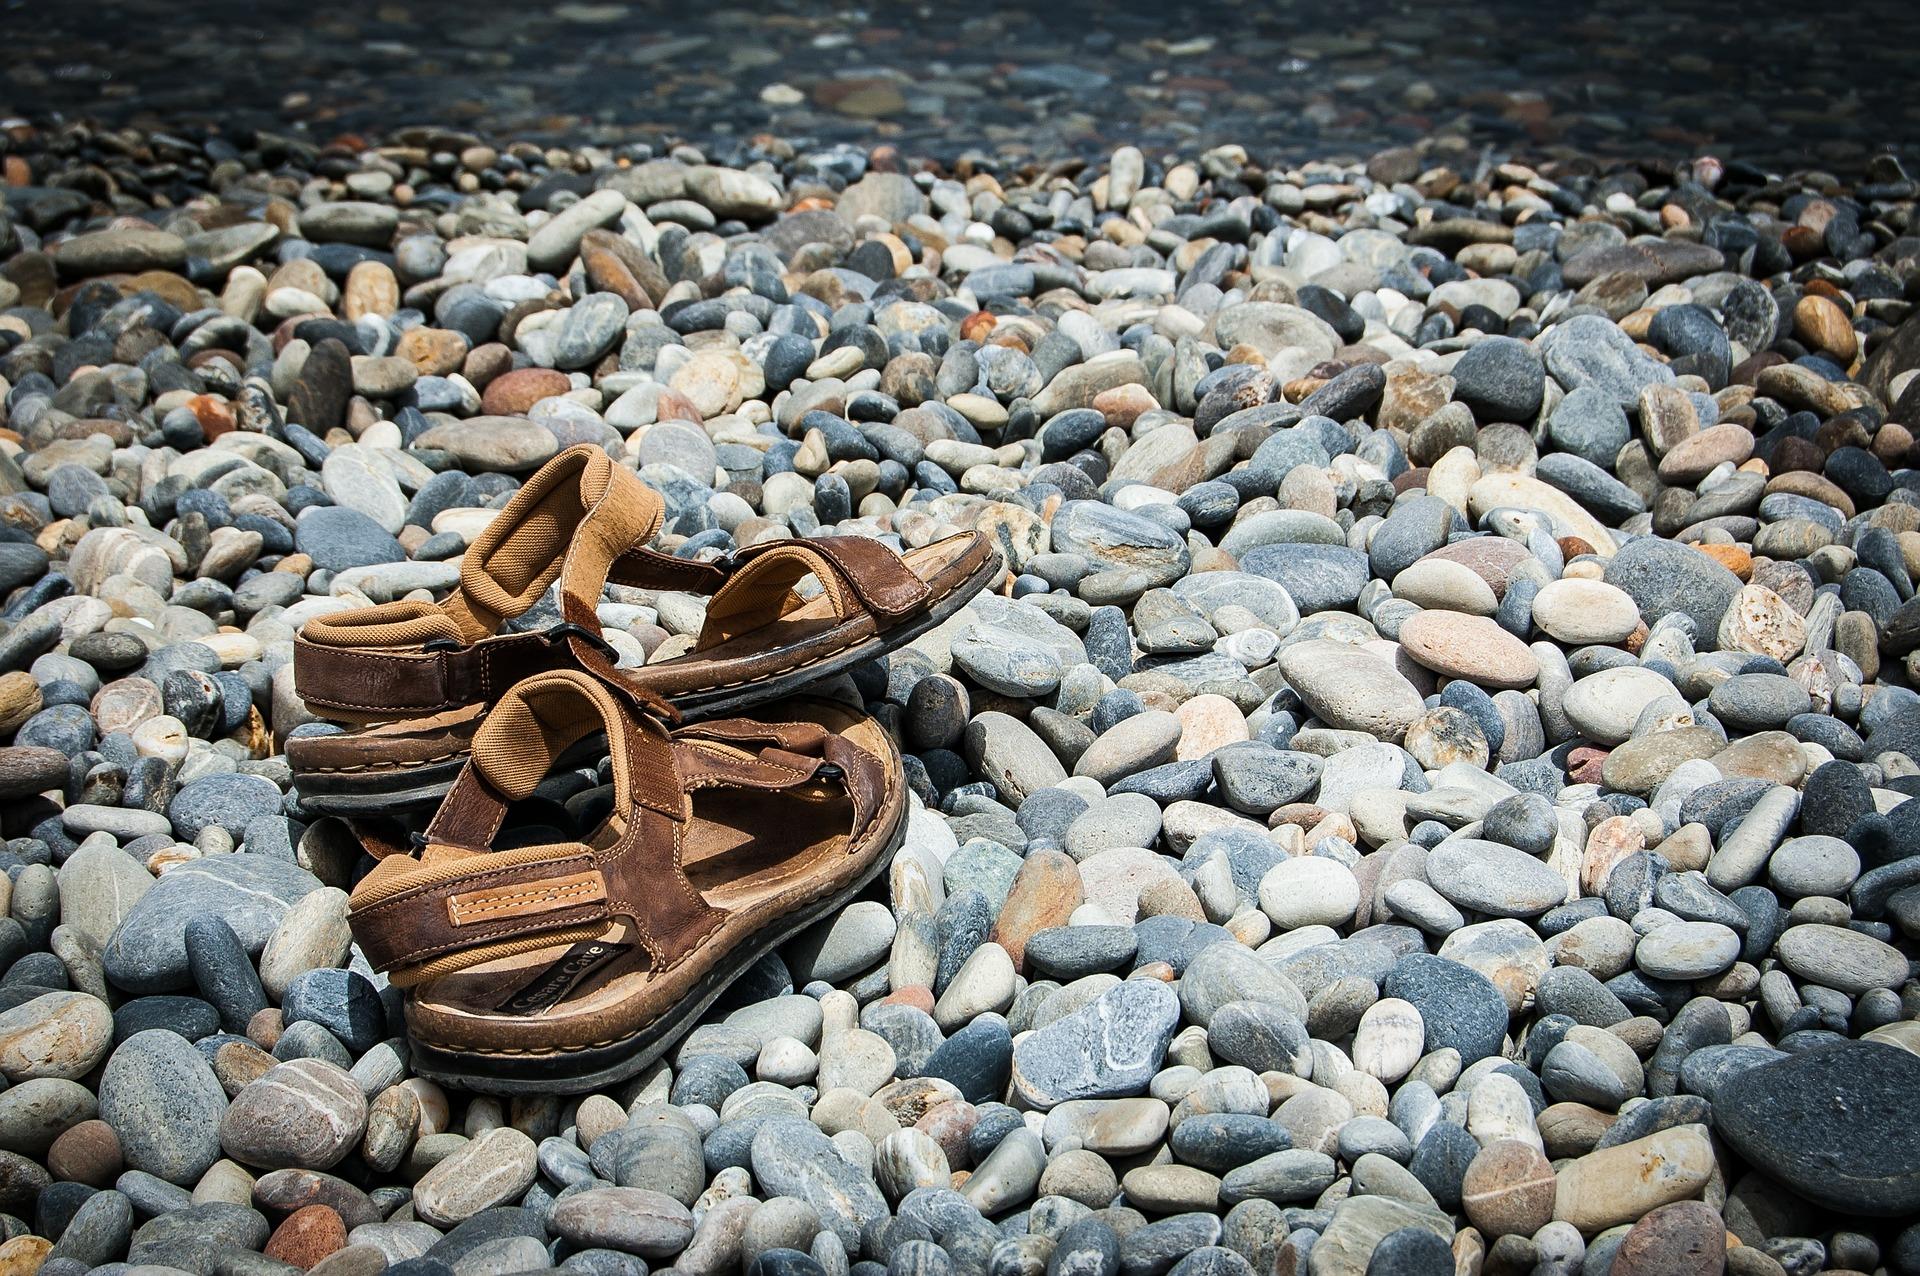 sandals-462870_1920